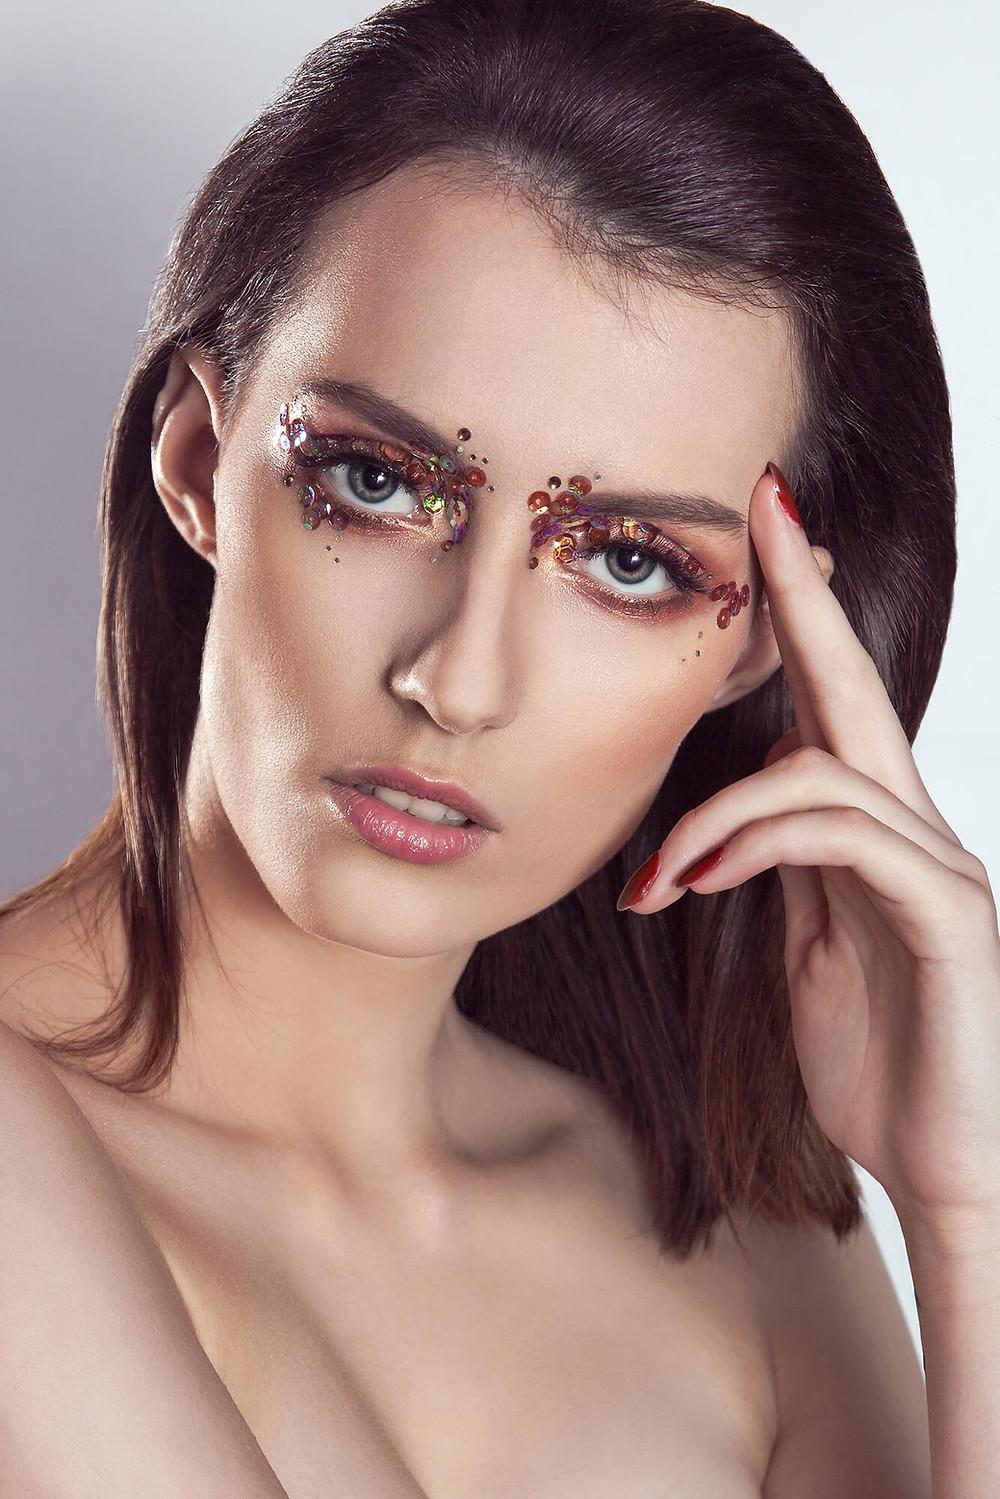 Piękna modelka z mocnymi oczami i delikatnymi ustami, złota sesja beauty